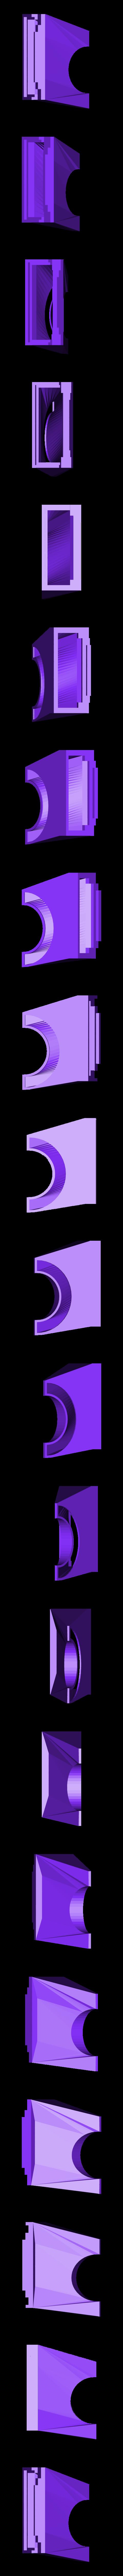 Nozzle_B_Single_1.stl Télécharger fichier STL gratuit Zmorph 2.0 (S) Système de refroidissement • Modèle pour impression 3D, kpawel